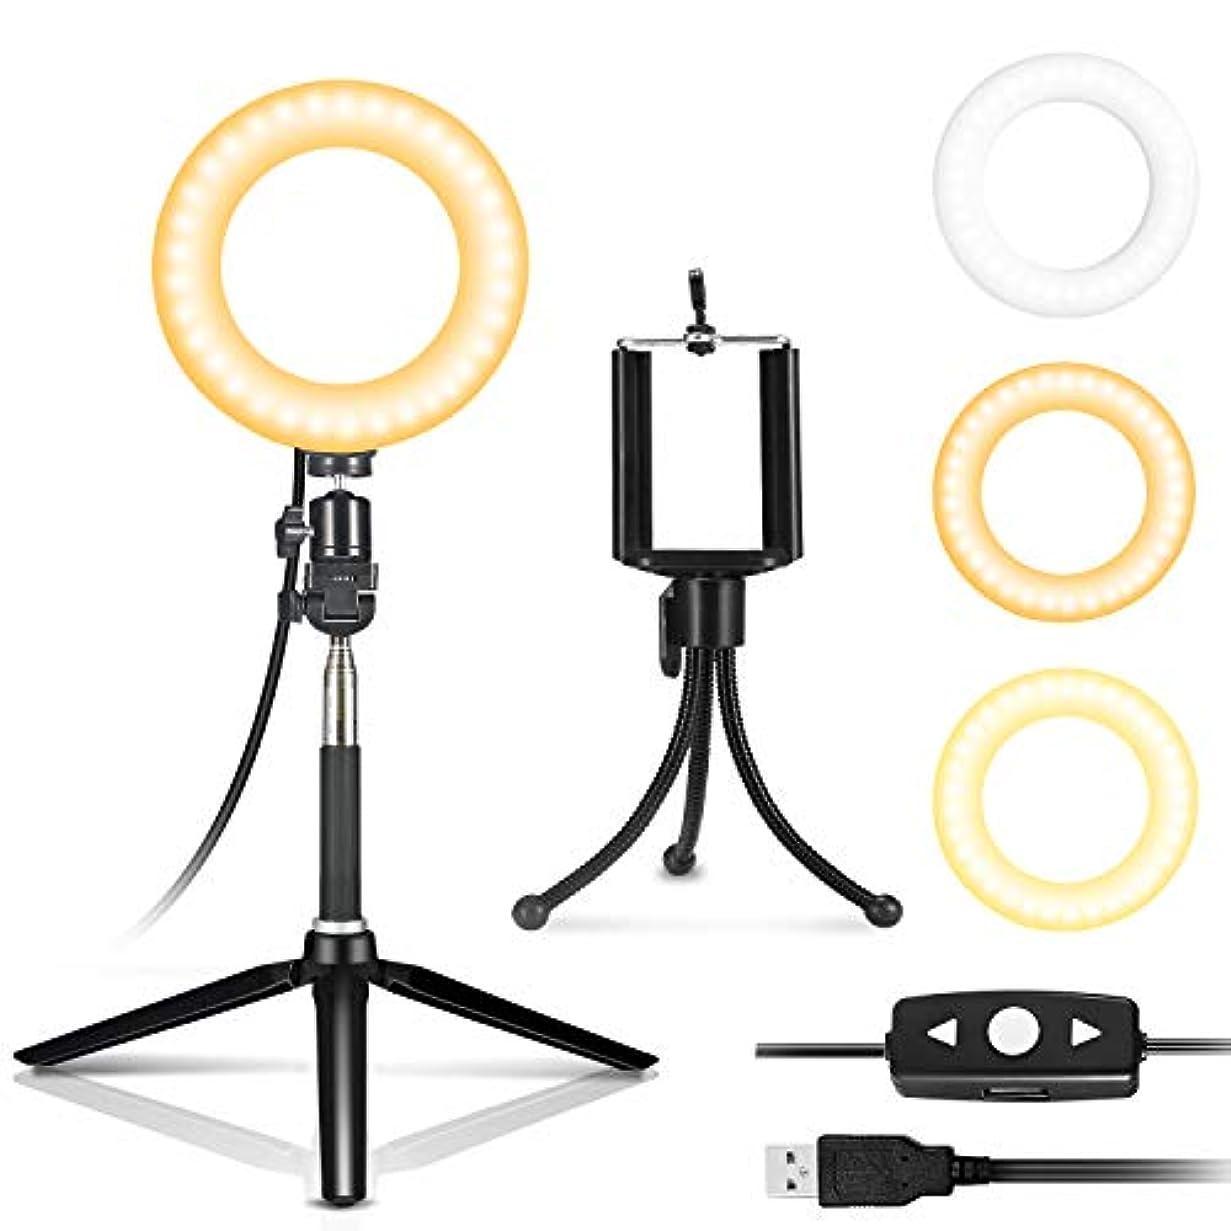 中央速いハーブIDESION 自撮り補助セルフィー LEDライト ミラー 女優ライト 6インチ円形 3色調節可能 リモコン付き ハリウッドライト USB給電 日本語説明書付き